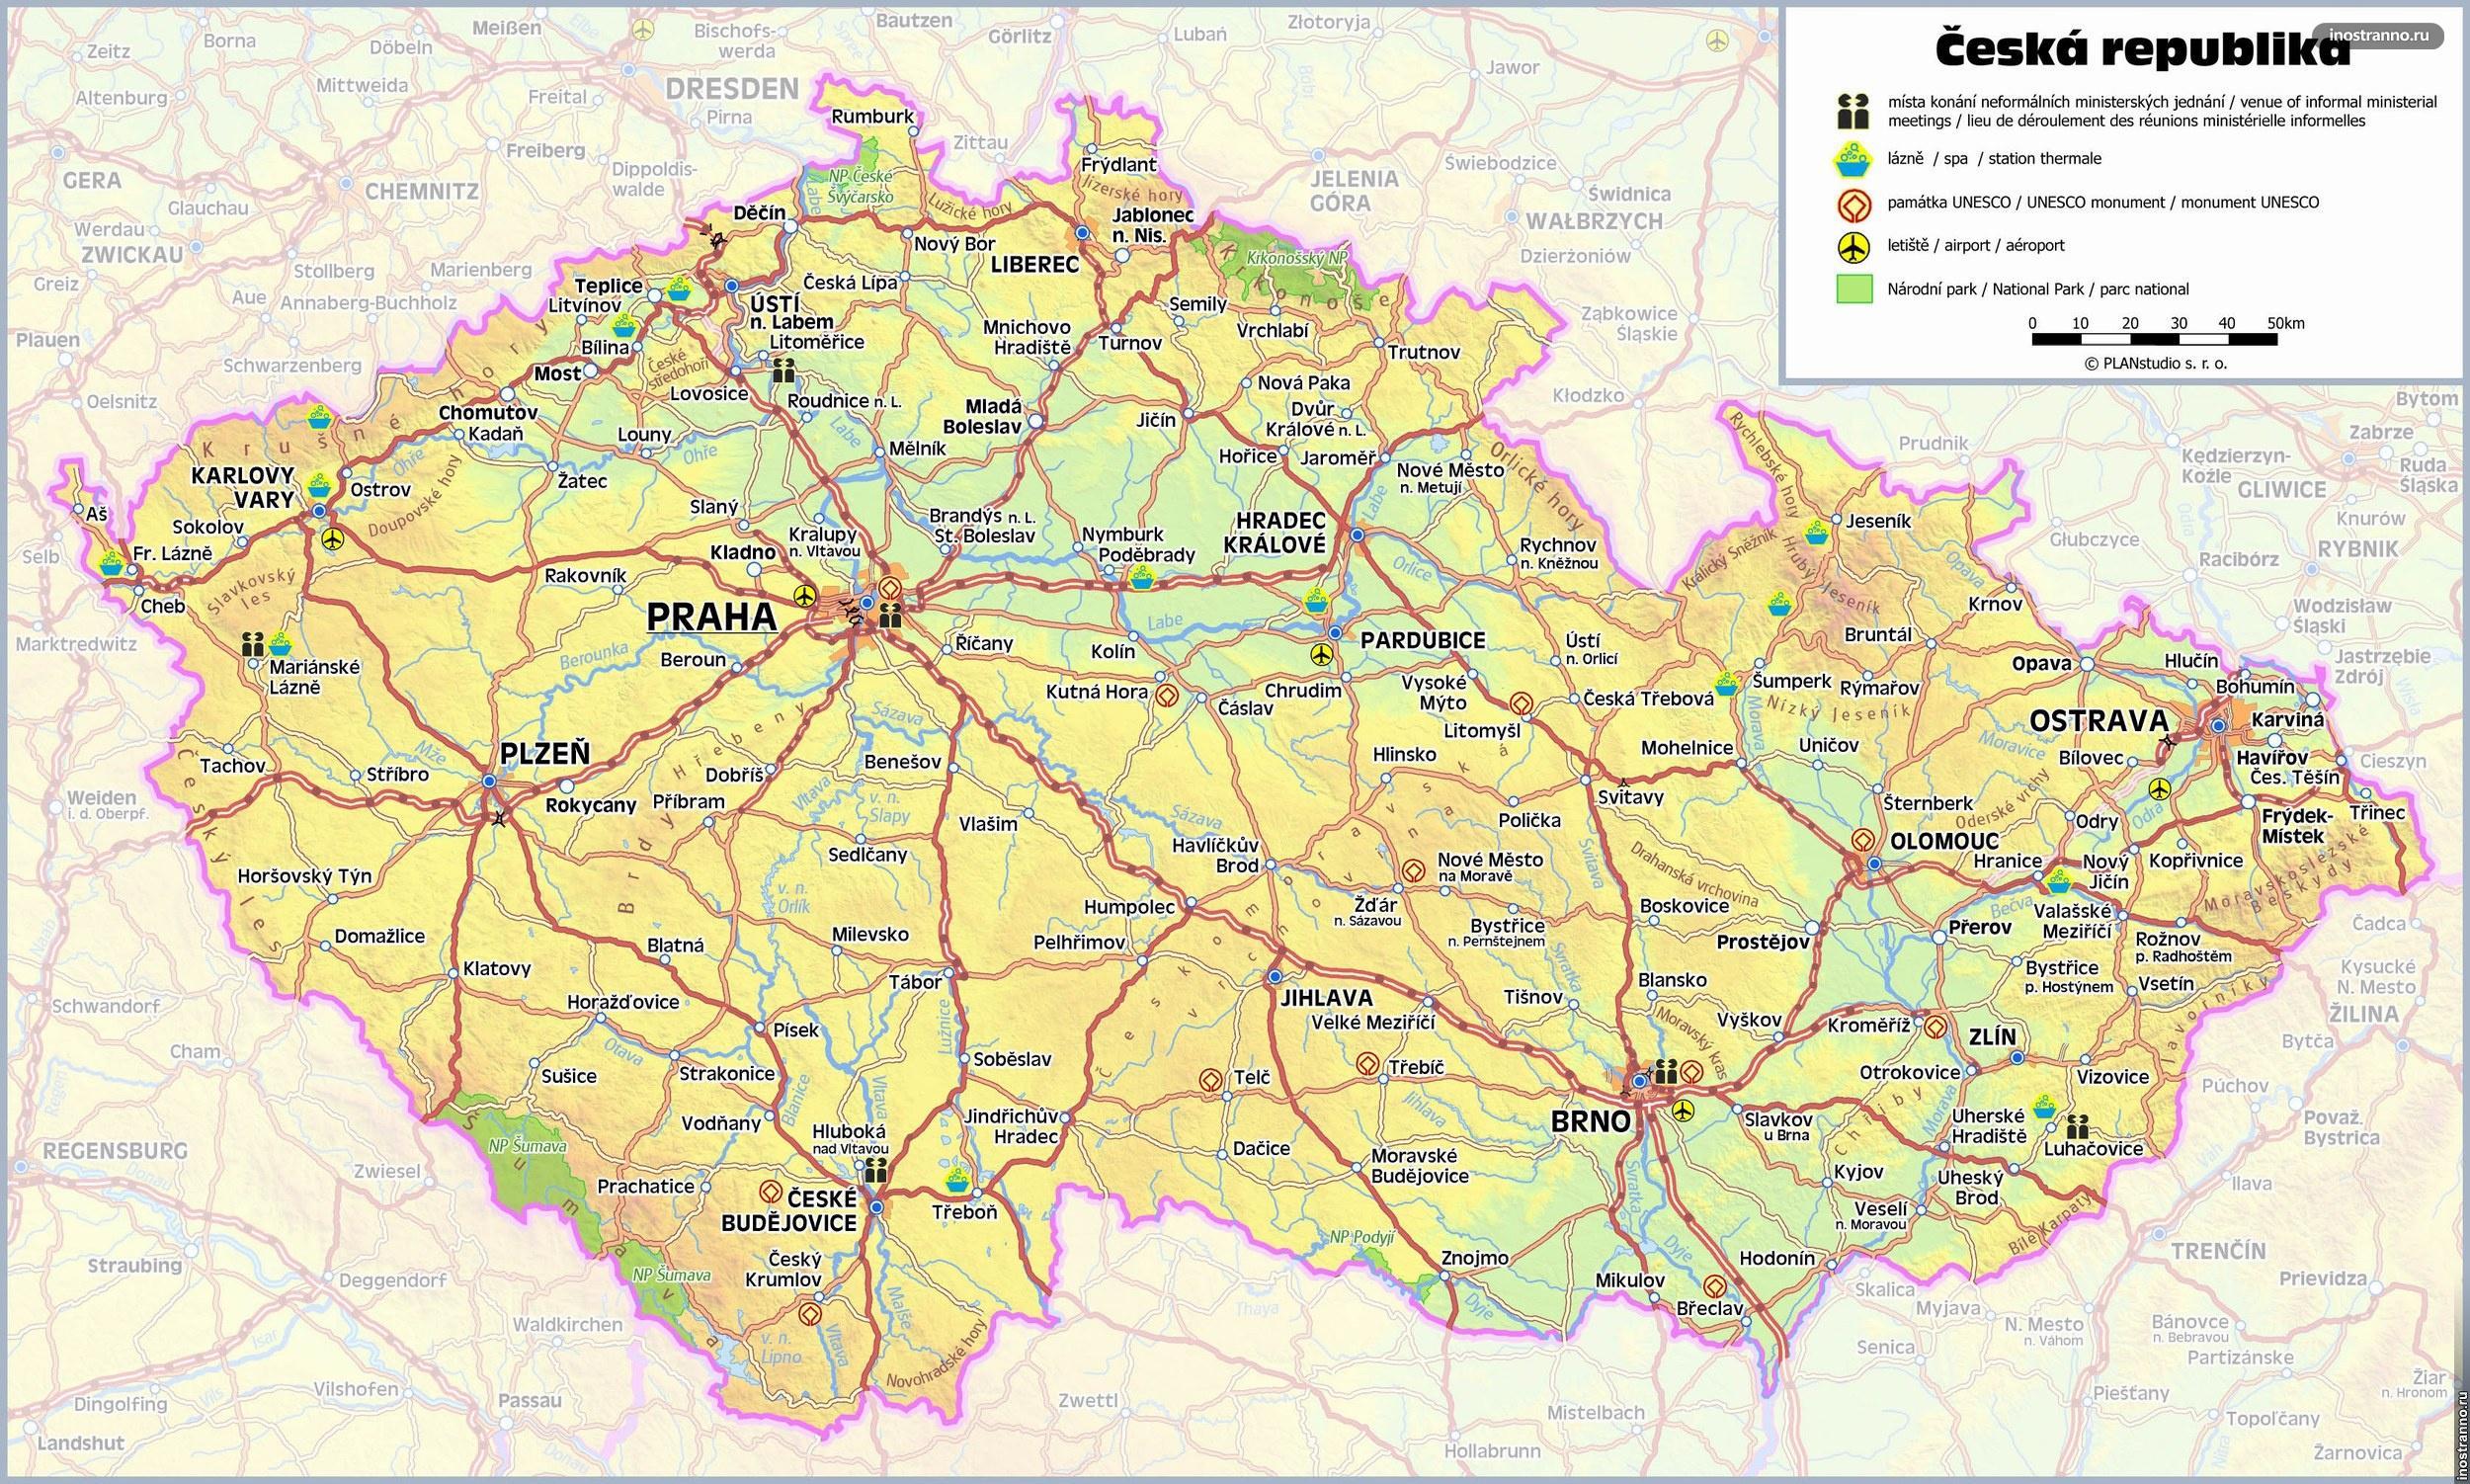 Подробная карта Чехии